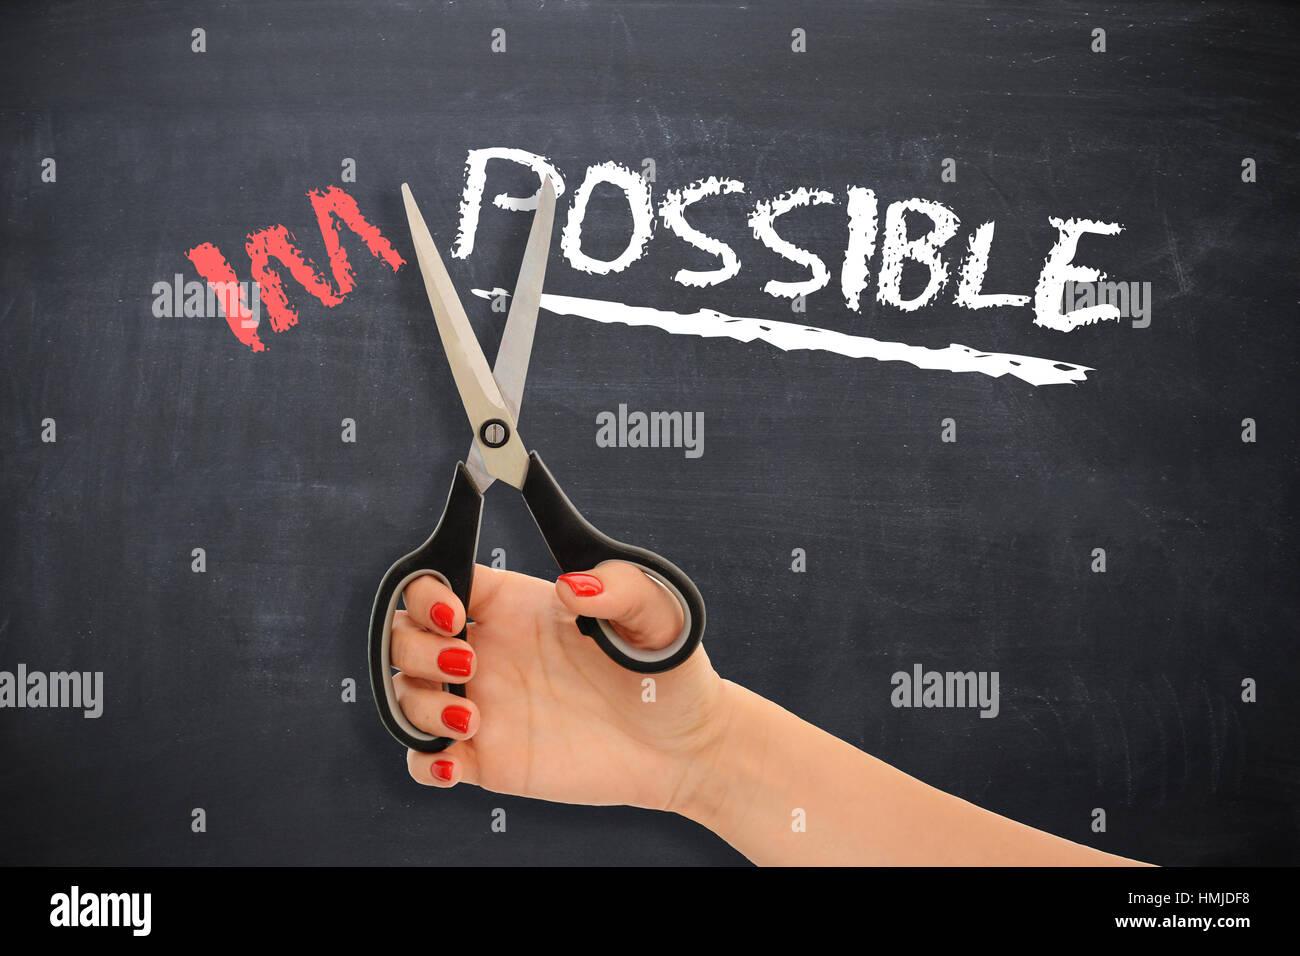 """Message de motivation sur tableau noir avec des ciseaux de coupe femme avec le mot """"impossible"""", tournant dans la mesure du possible Banque D'Images"""